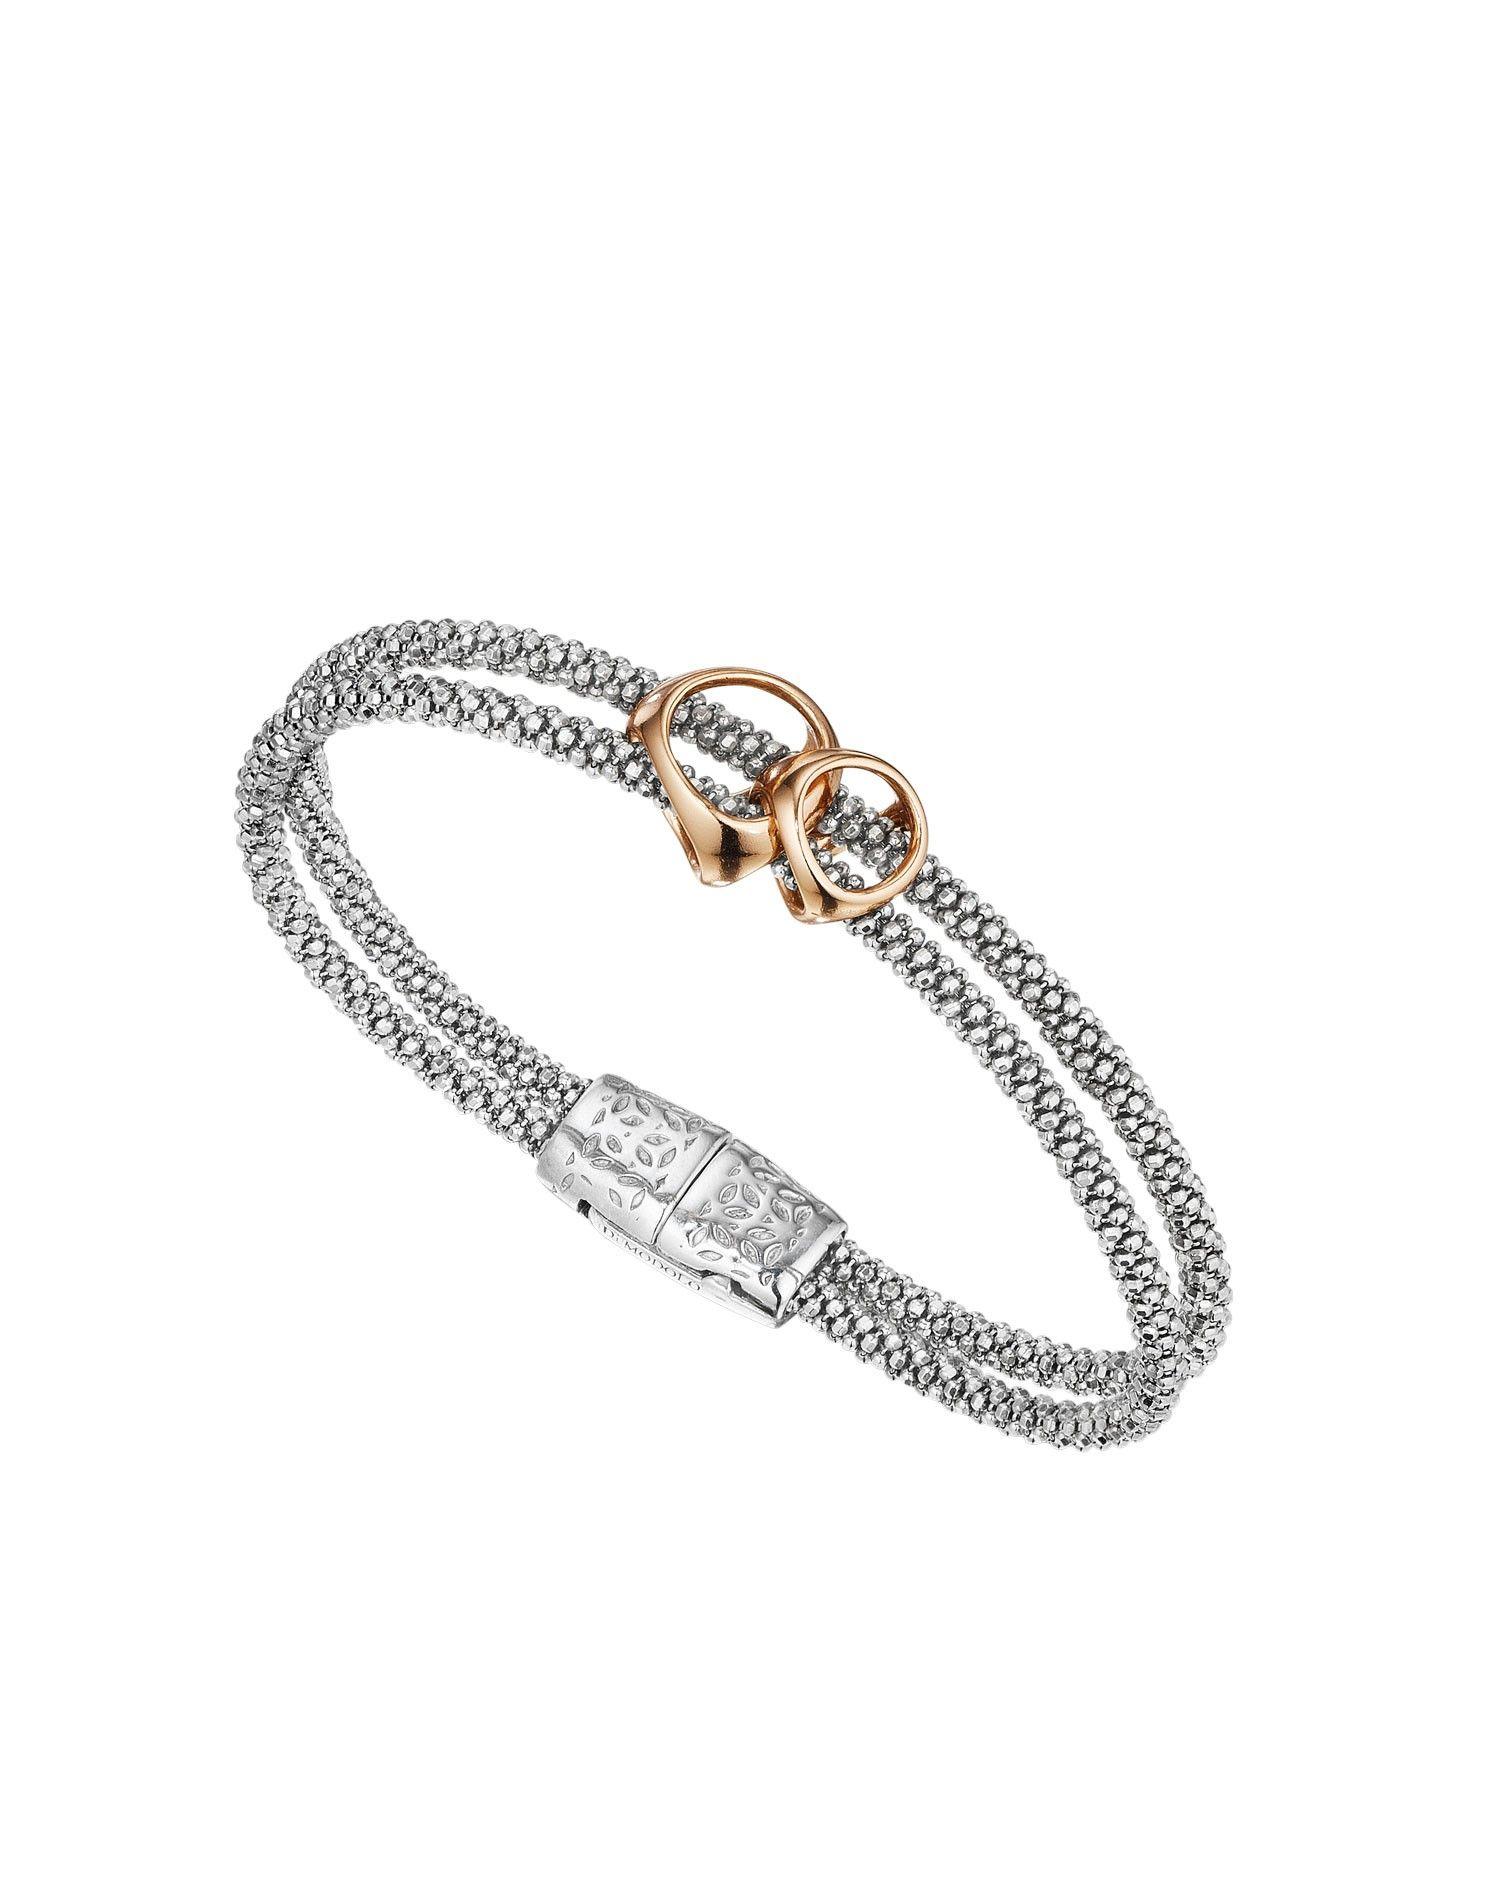 Linked By Love Bracelet